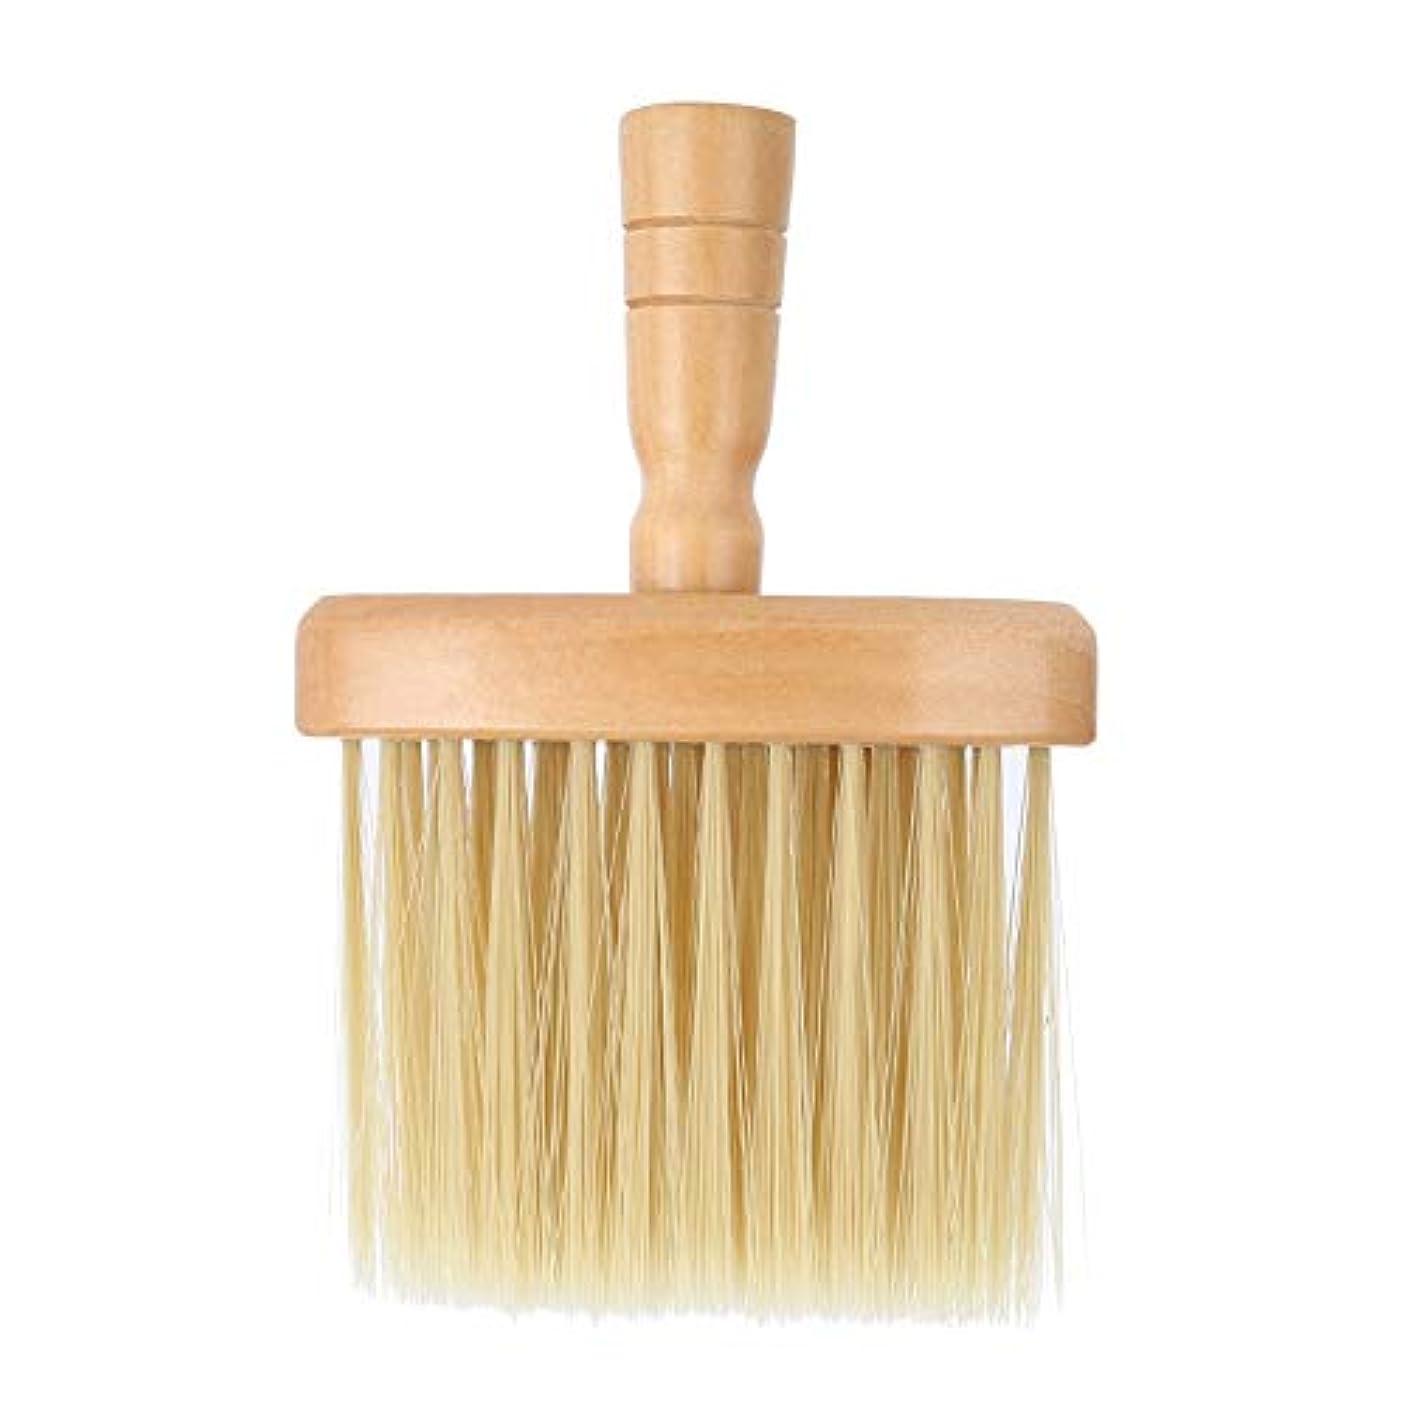 好きであるクロニクル本能ヘアカットブラシネックフェイスダスターブラシサロンヘアクリーニング木製掃除ブラシヘアカット理髪ツール